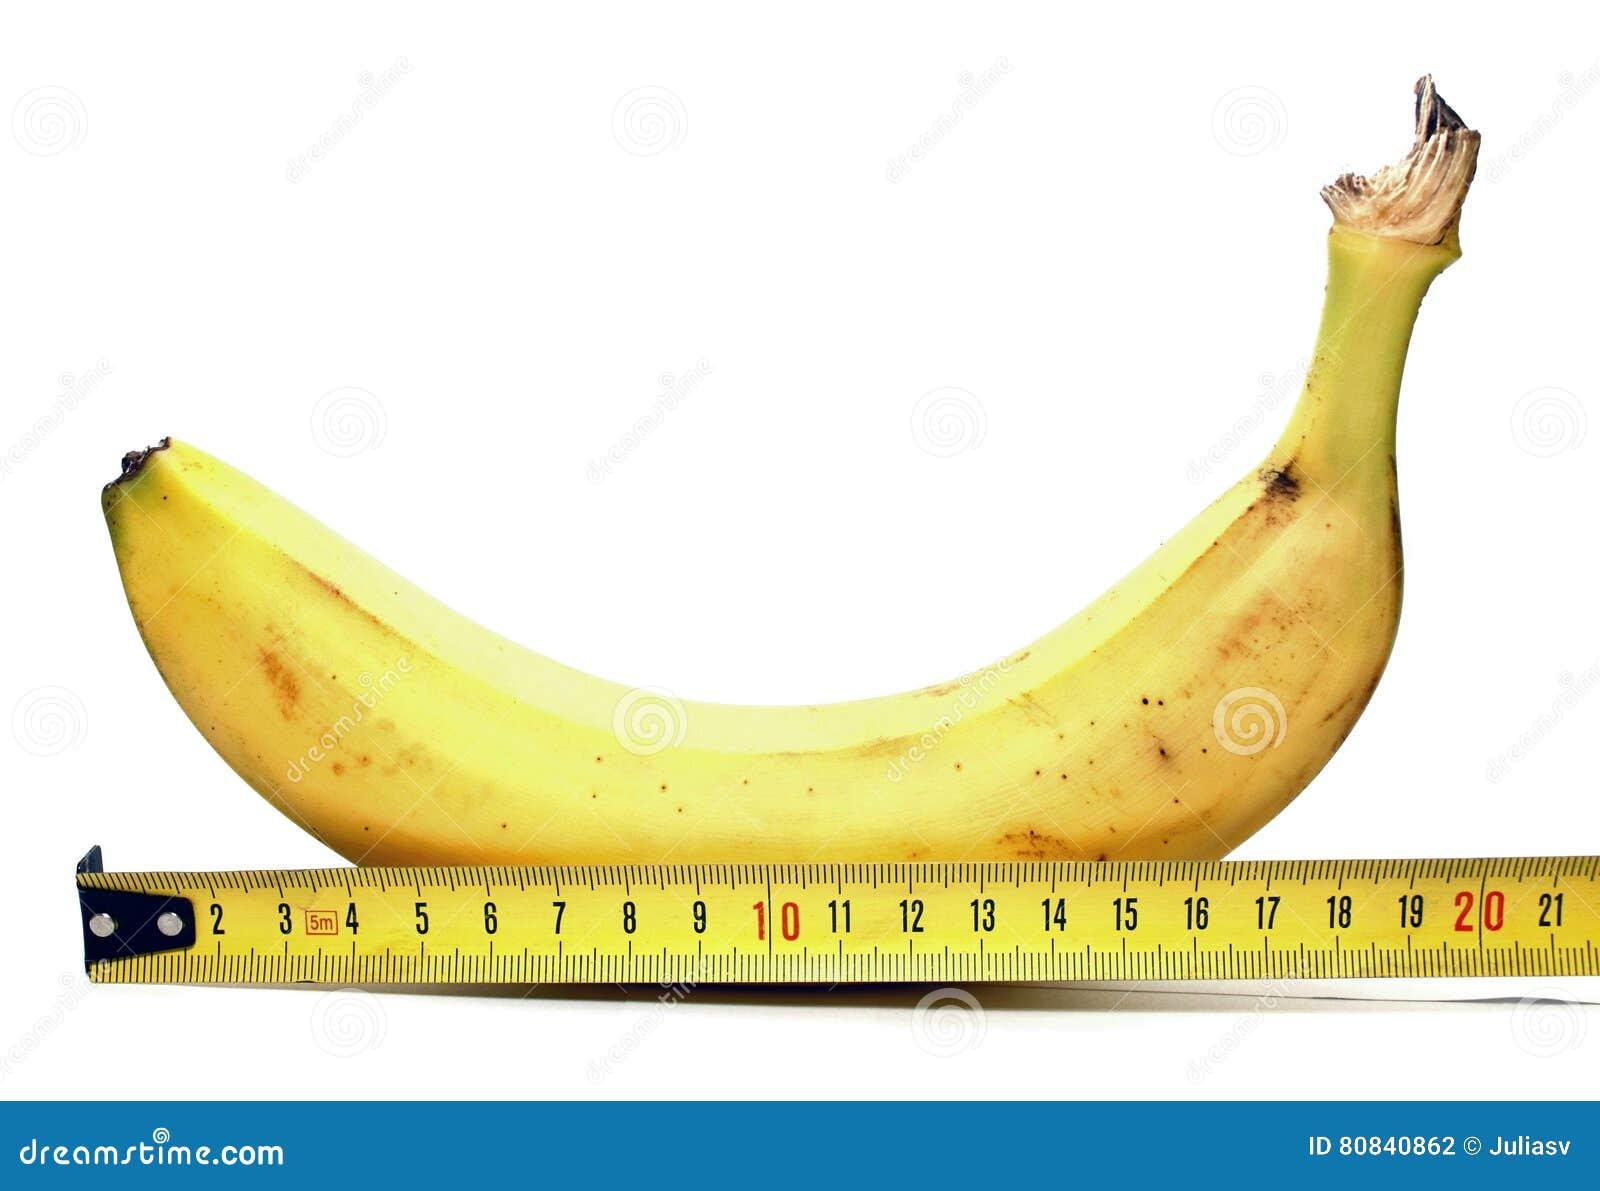 Wat is de grootte van een grote penis